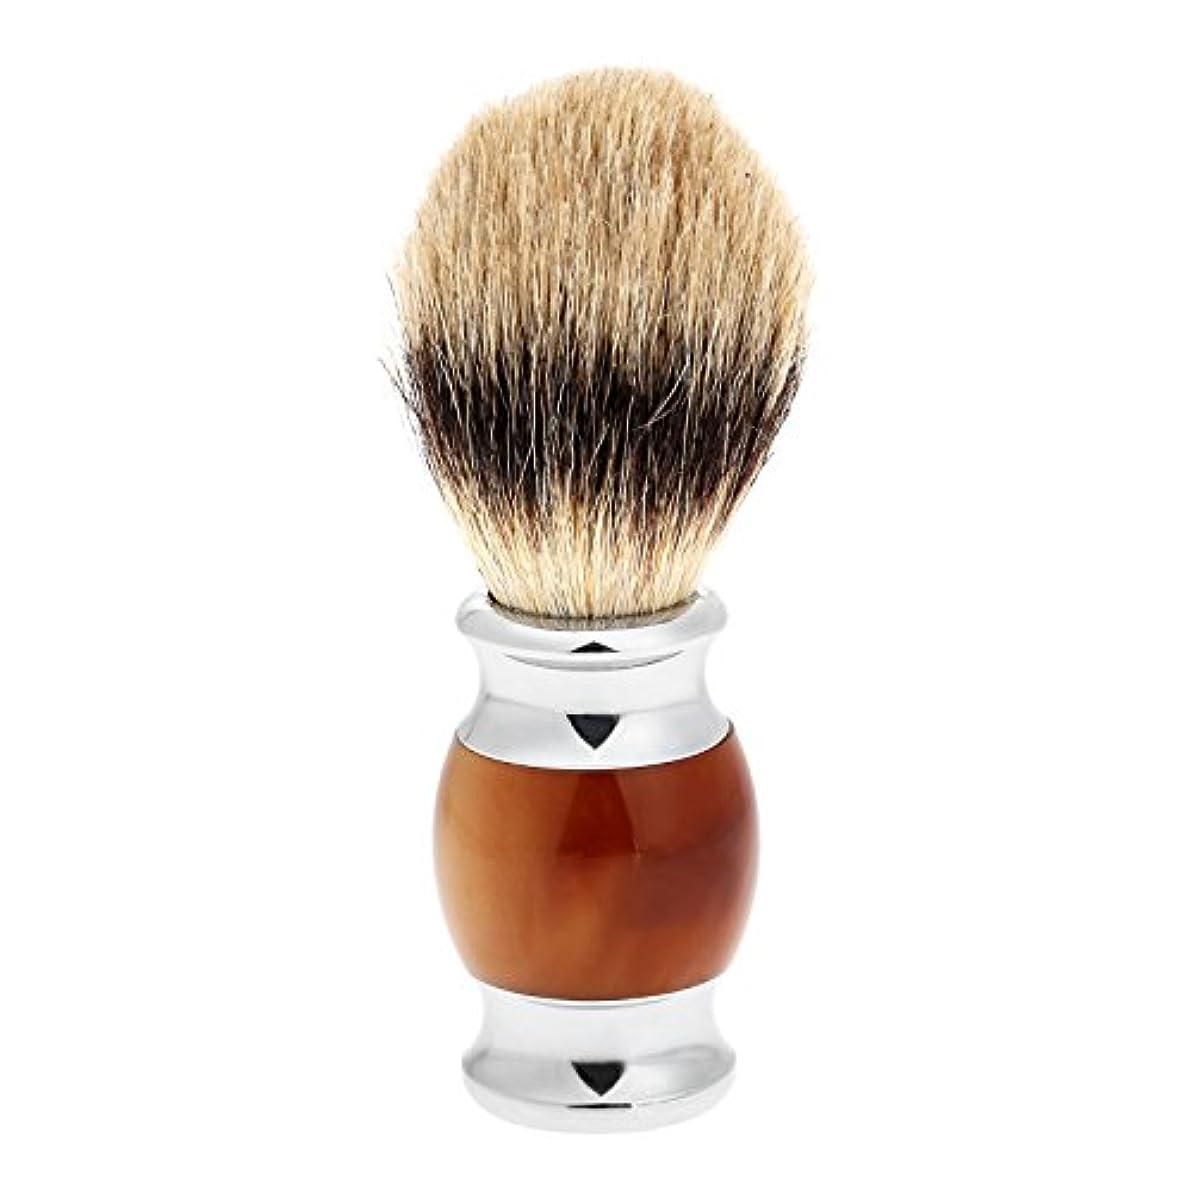 それによって反動ながら1PC メンズ ひげブラシ アナグマ毛 シェービングブラシ バーバー シェービング用ブラシ 理容 洗顔 髭剃り